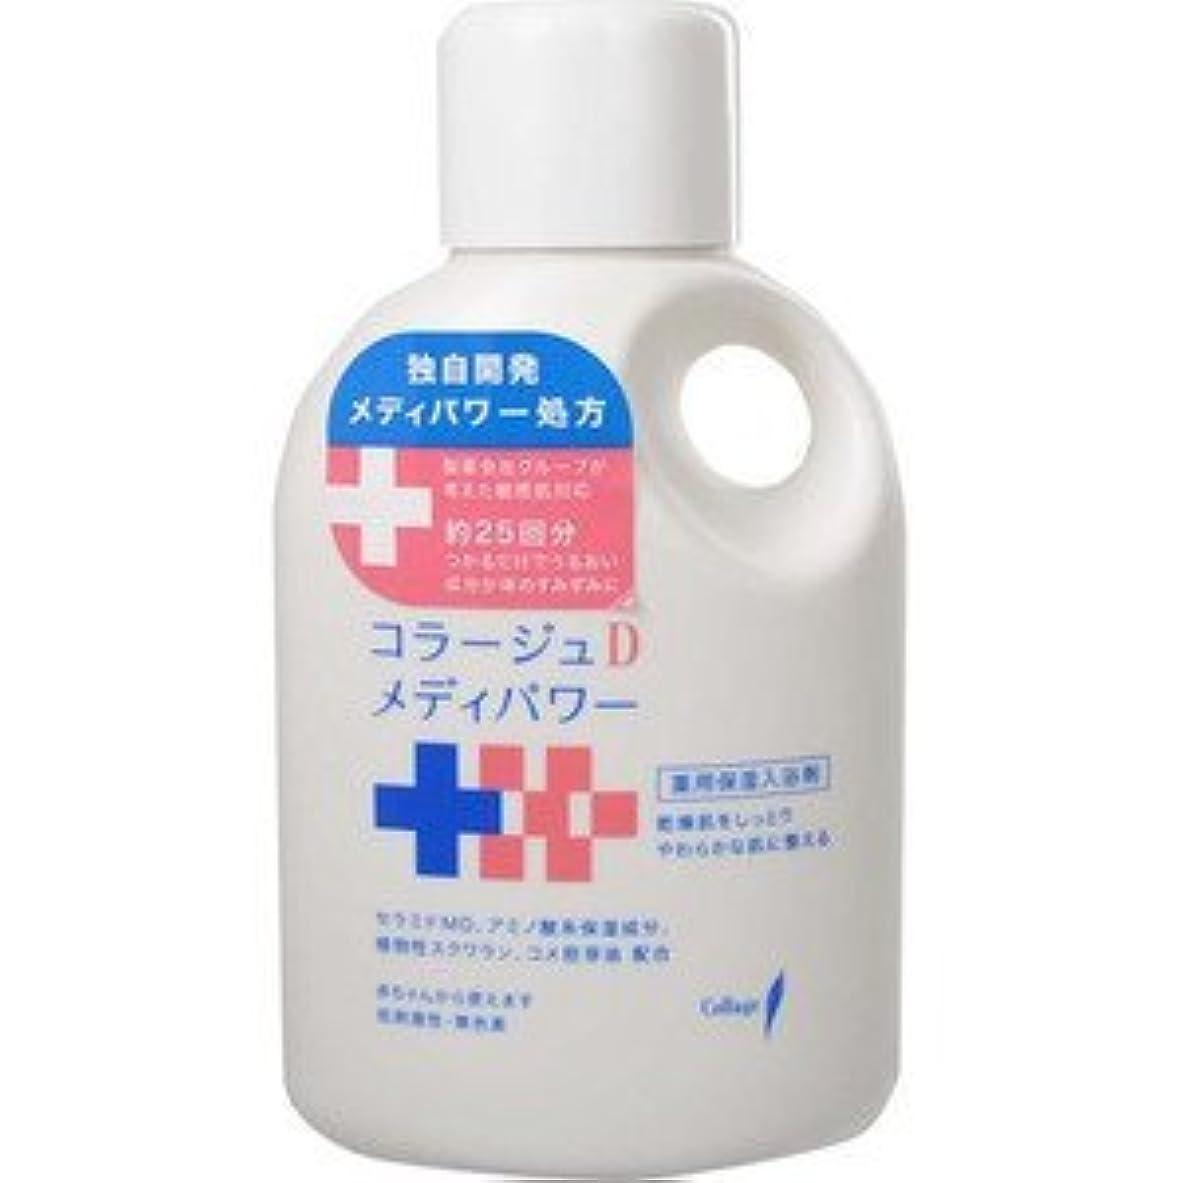 剣不安定な製造業(持田ヘルスケア)コラージュ Dメディパワー保湿入浴剤 500ml(医薬部外品)(お買い得3個セット)